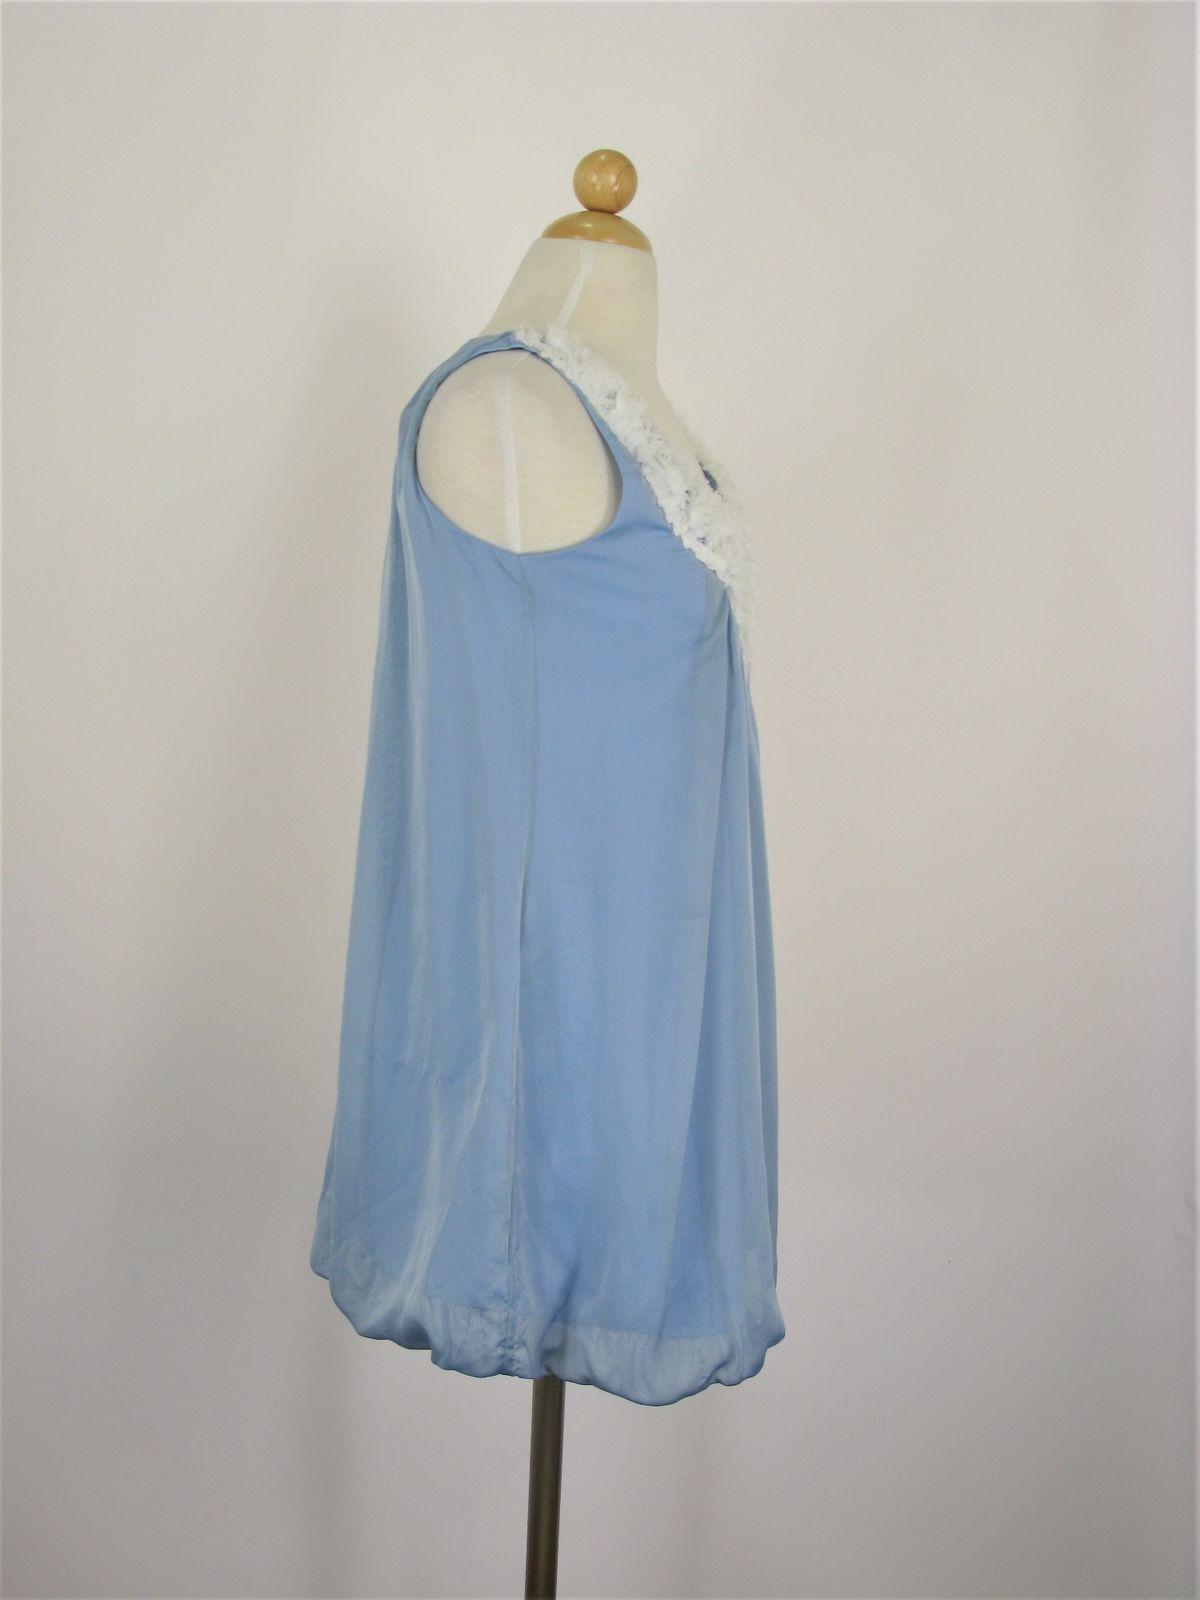 Party Dress Un Deux Trois Baby Blue Chiffon Bubble Party Dress 5 $180